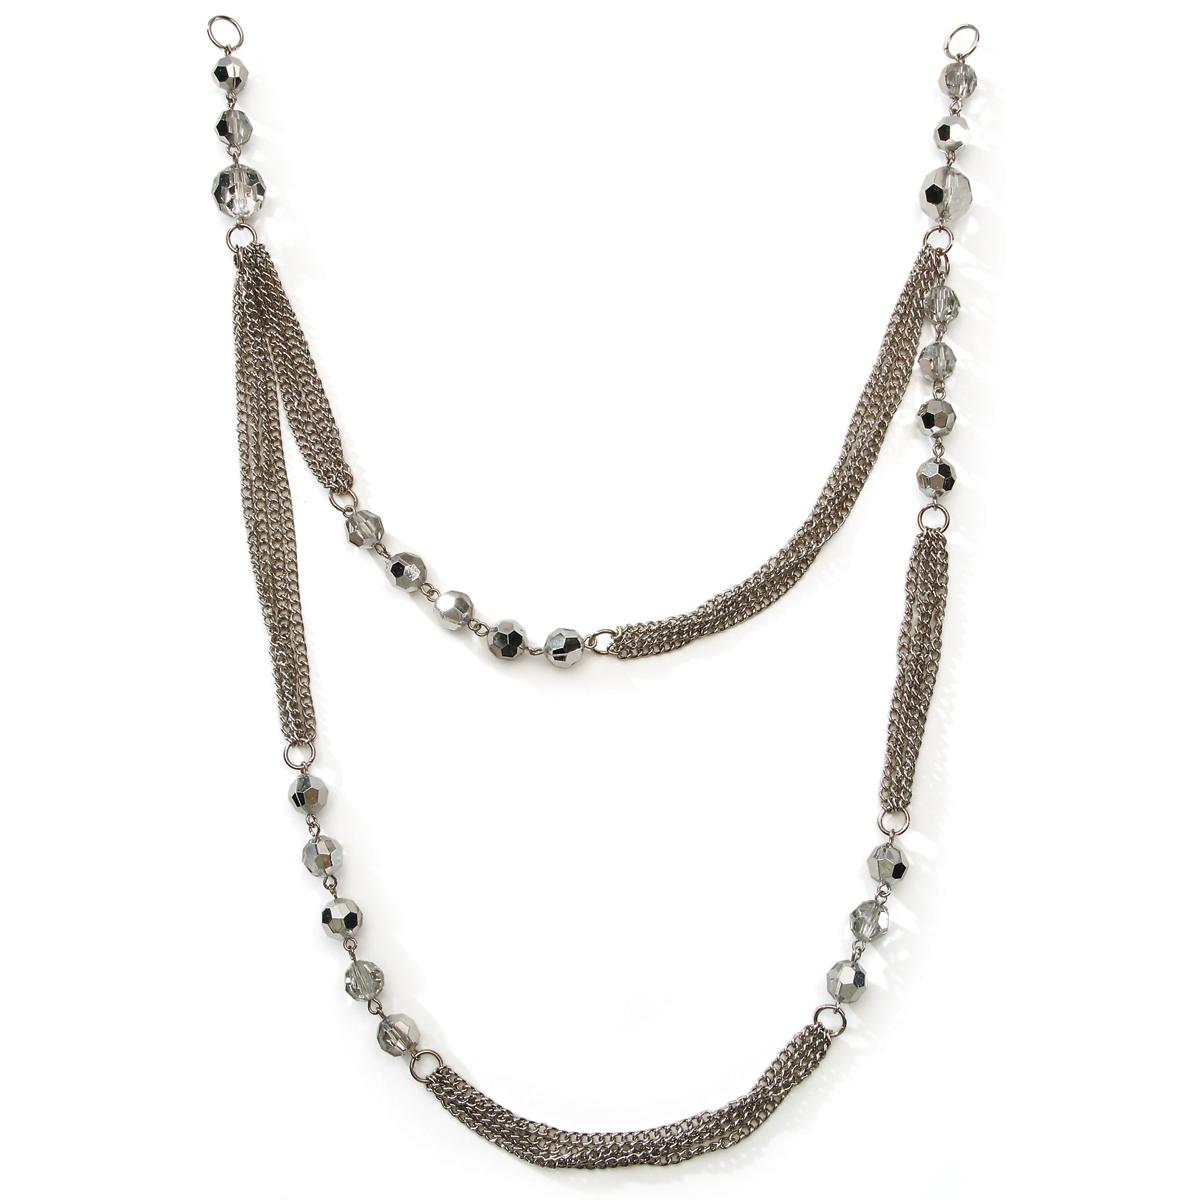 Darice Jewelry & Beading